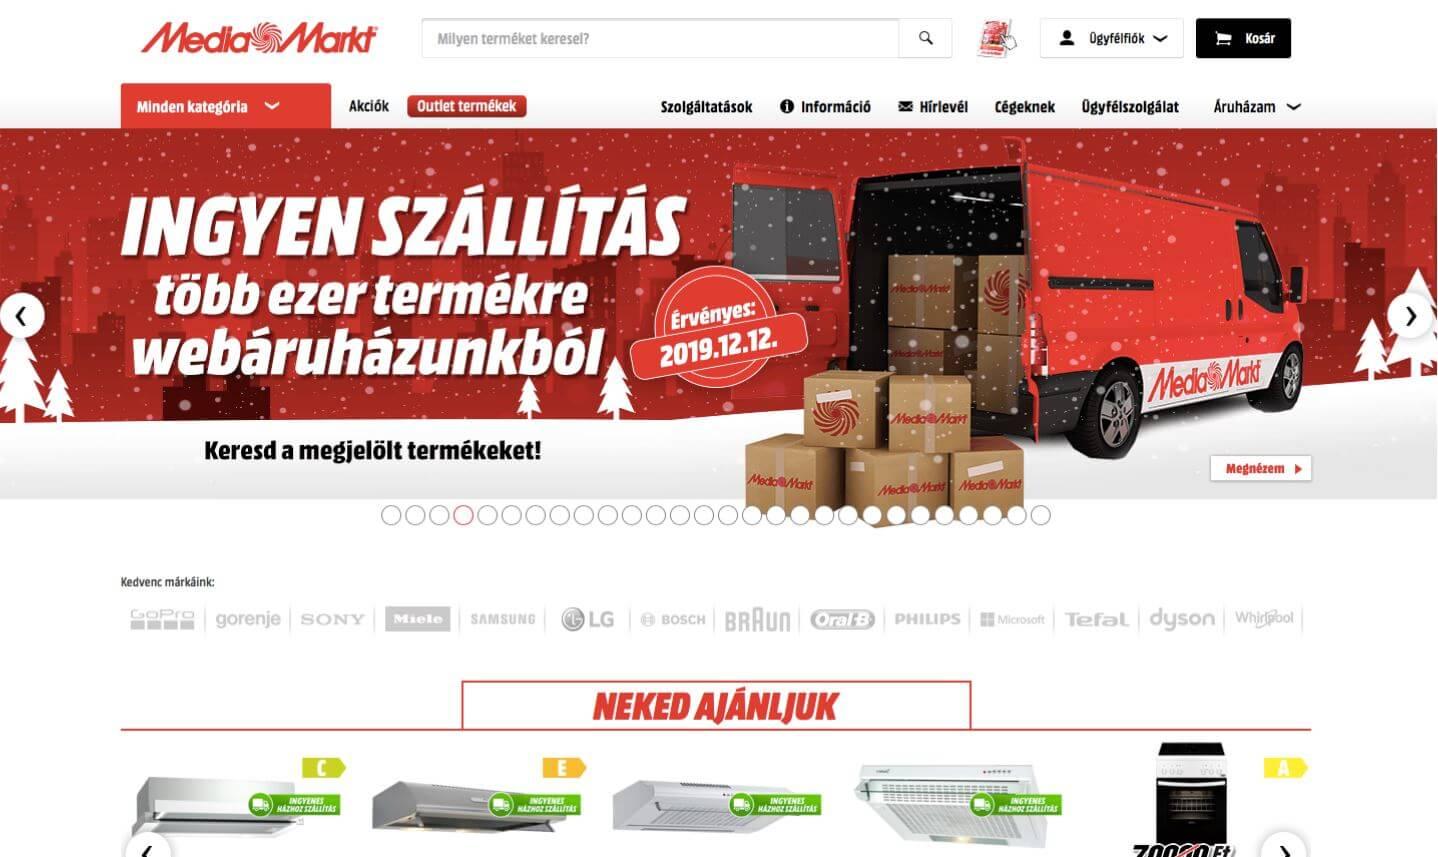 MediaMarkt ingyenes kiszállítás